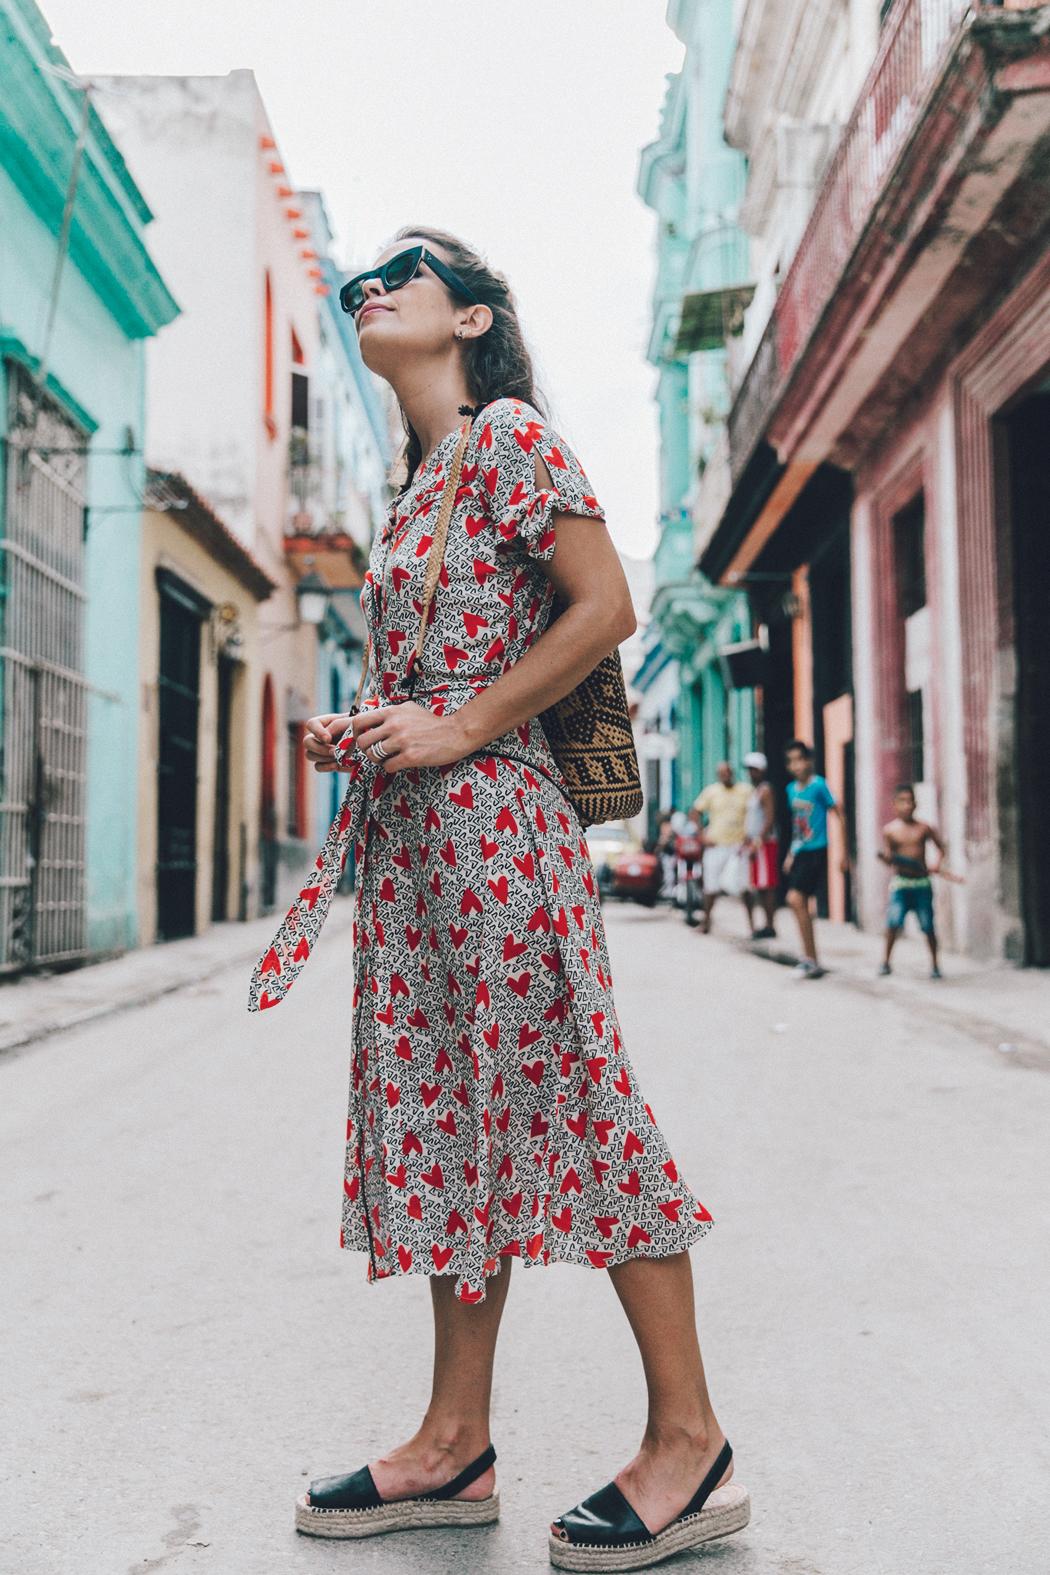 Cuba-La_Habana_Vieja-Hearts_Dress-Styled_By_Me-Aloha_Espadrilles-Outfit-Street_Style-Dress-Backpack-24